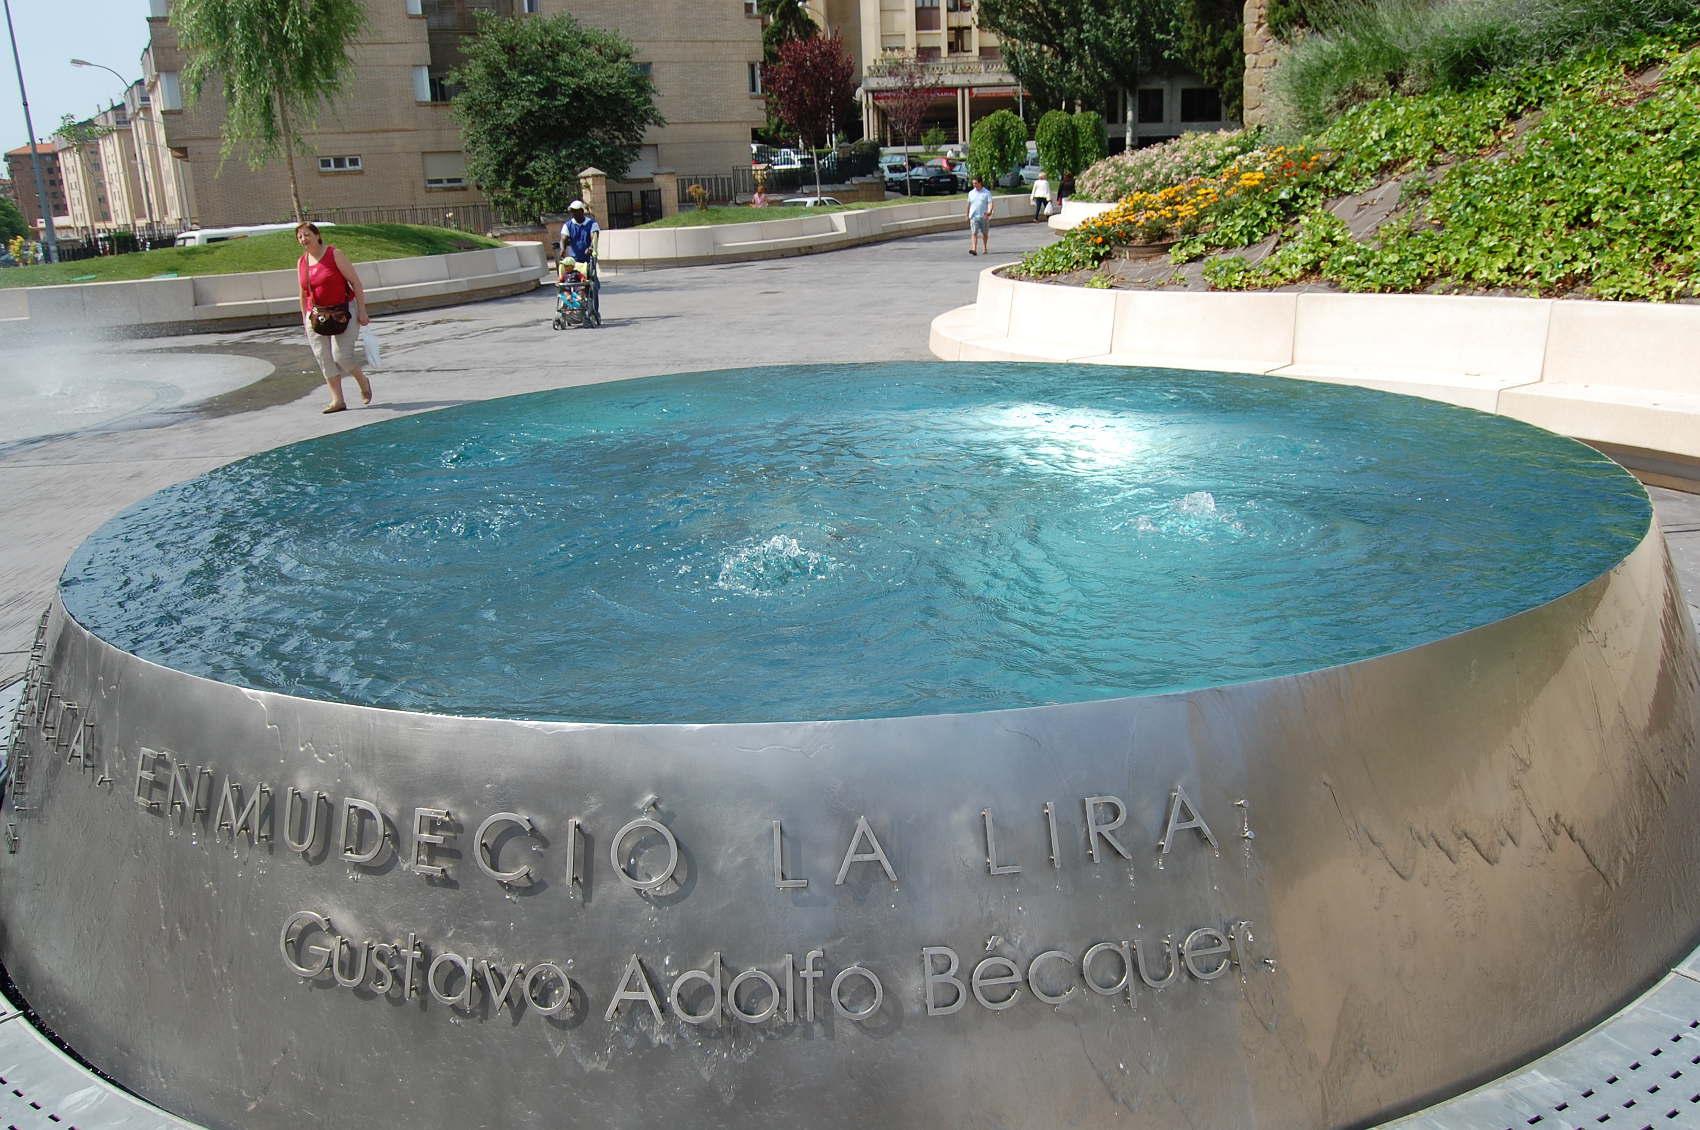 Fuente becqueriana en el Rincón de Bécquer (Soria)